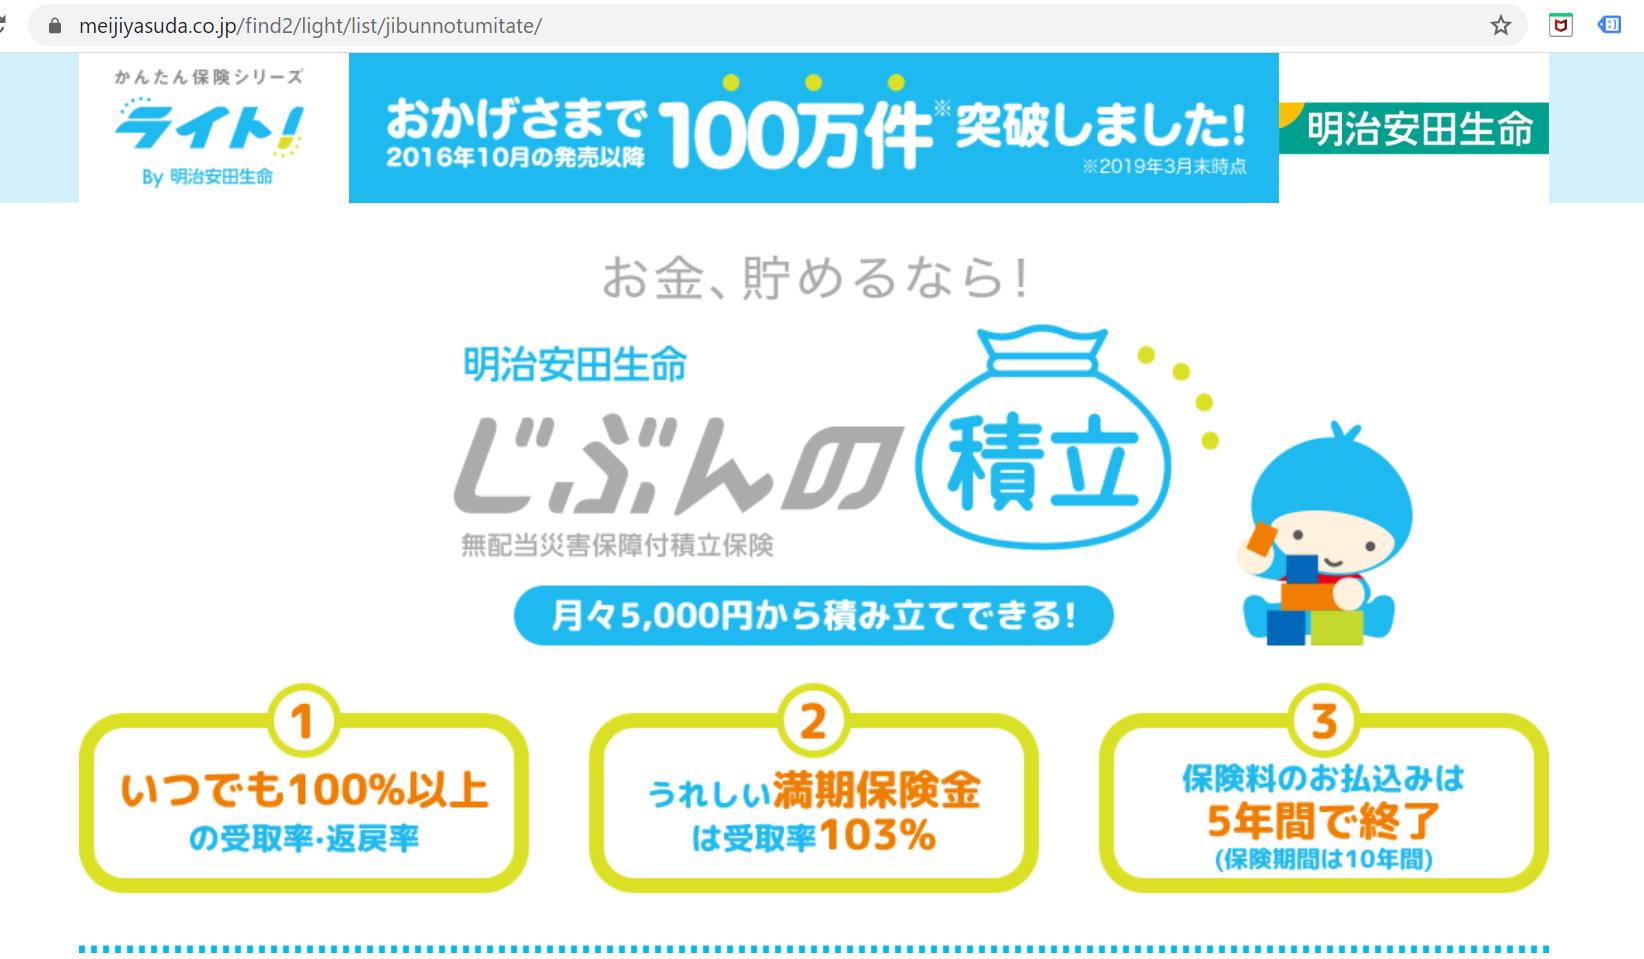 台湾在住者必見! 日本の保険を考察してみよう-とある無配当災害保険付積立保険